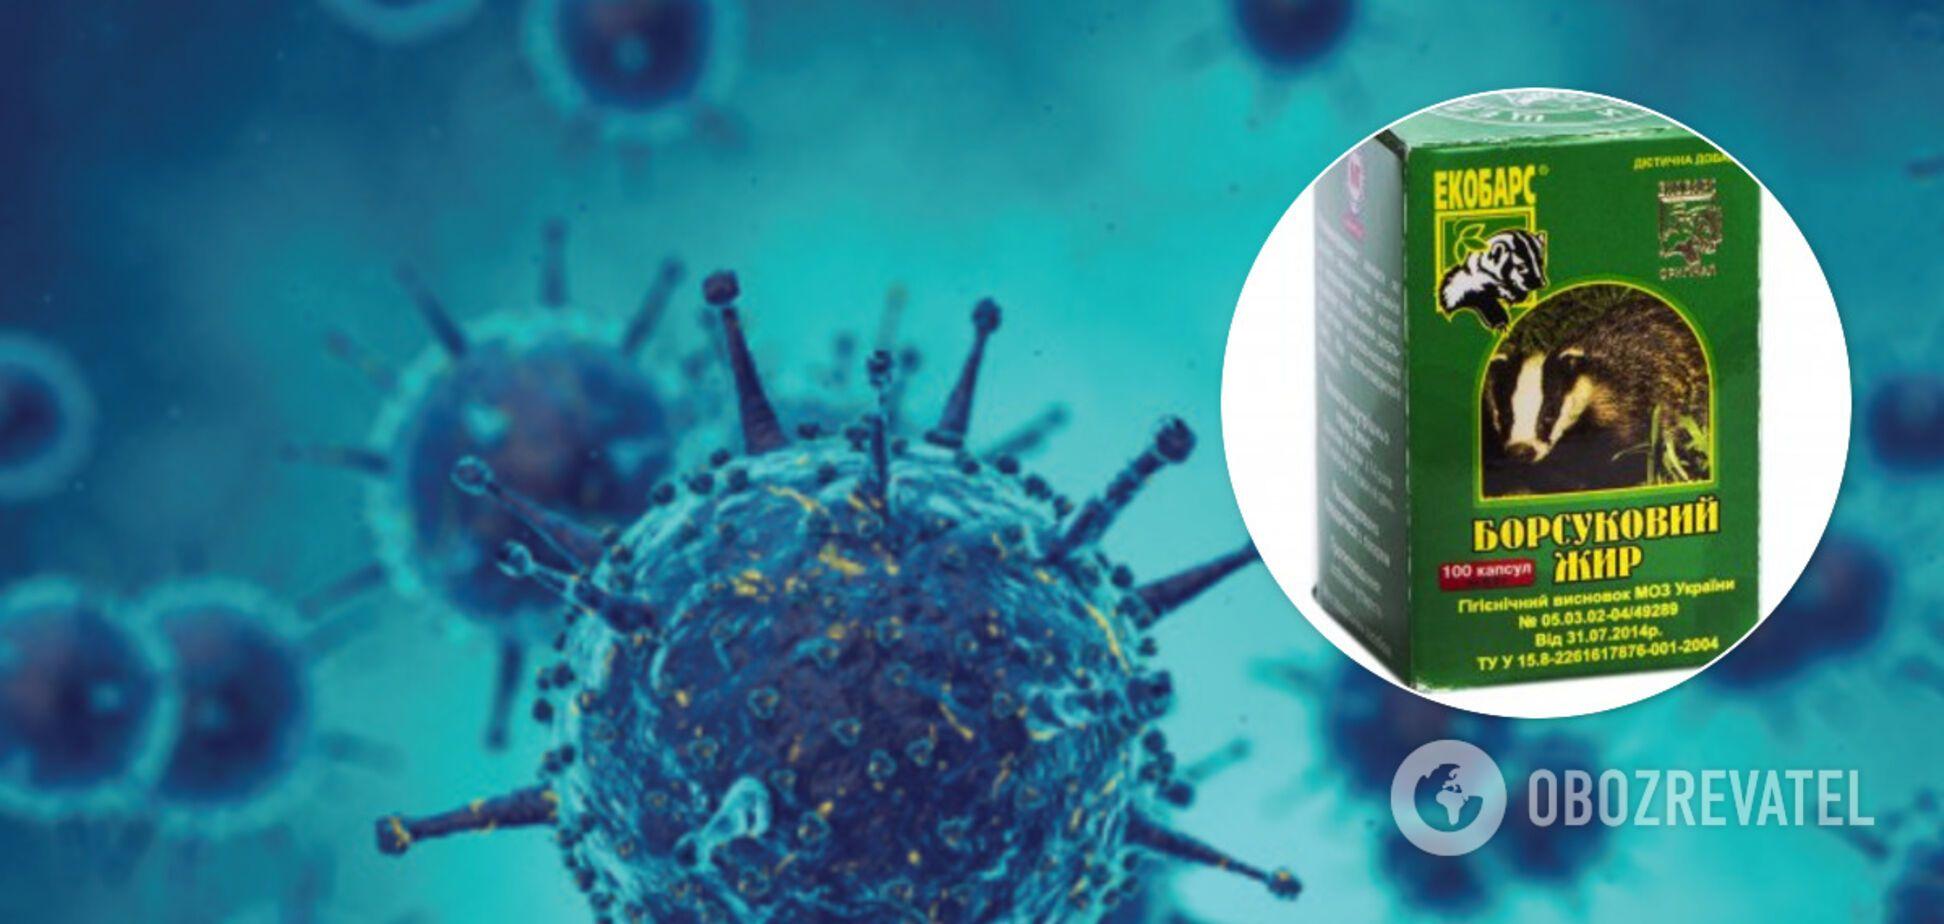 Борсуковий жир при COVID-19: Комаровський розвінчав користь шарлатанського засобу